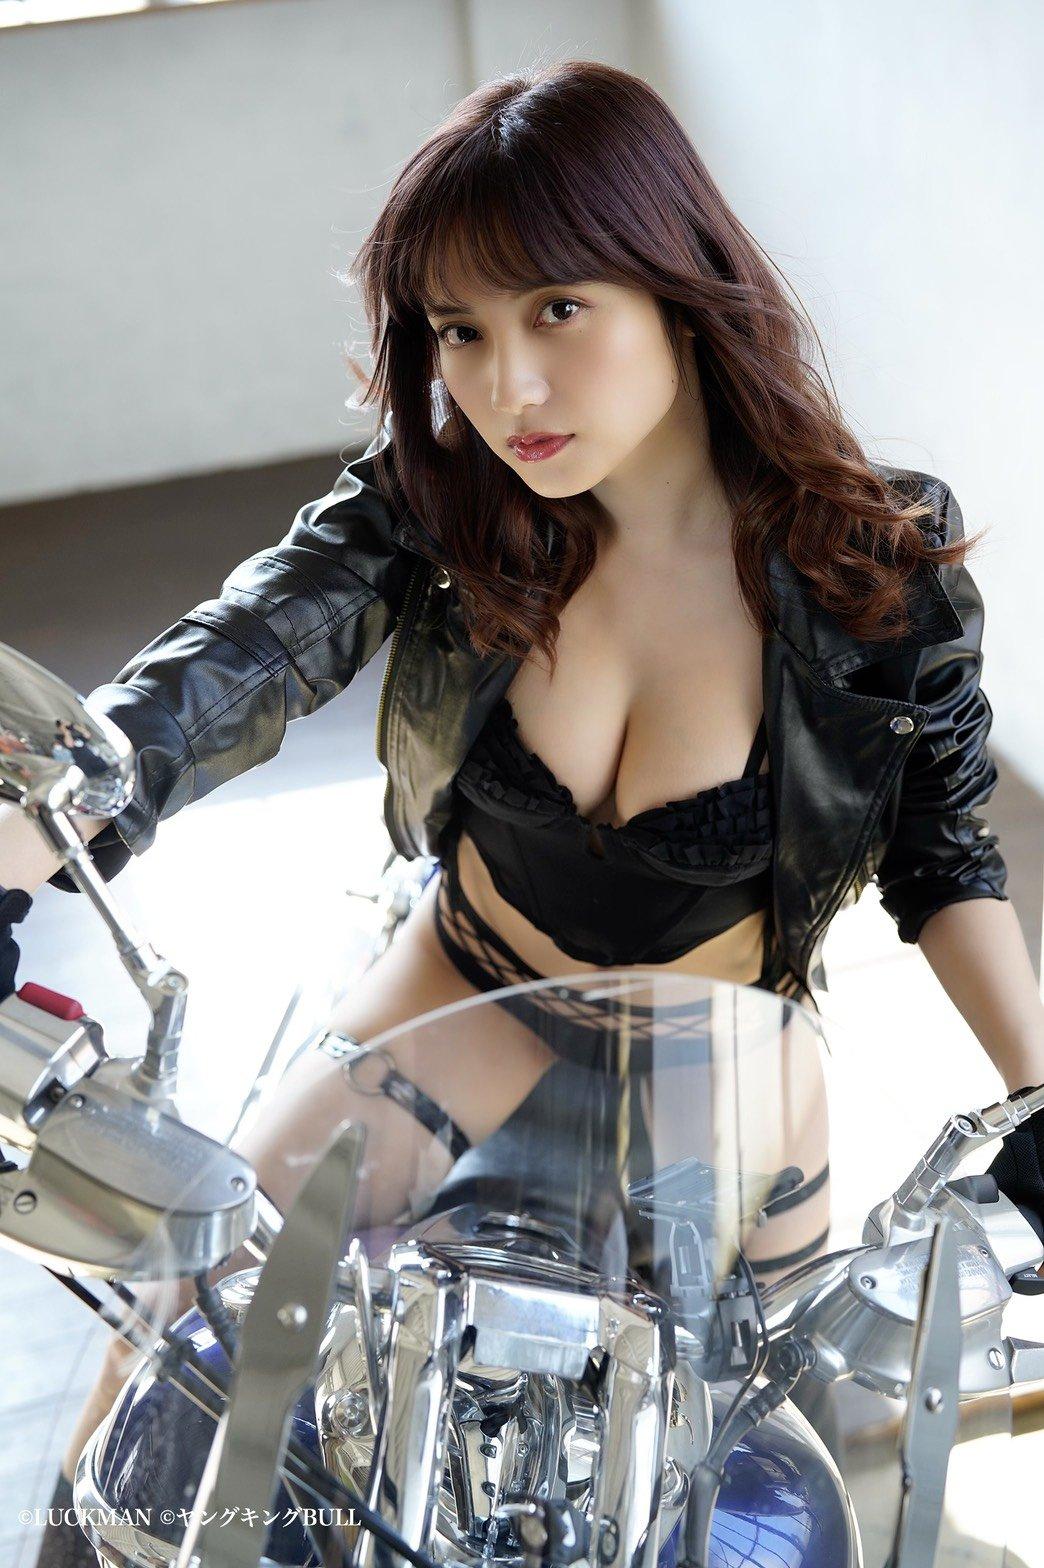 桃月なしこ「胸元全開でバイクに…」『ヤングキングBULL』アザーカットを大公開!【画像7枚】の画像003